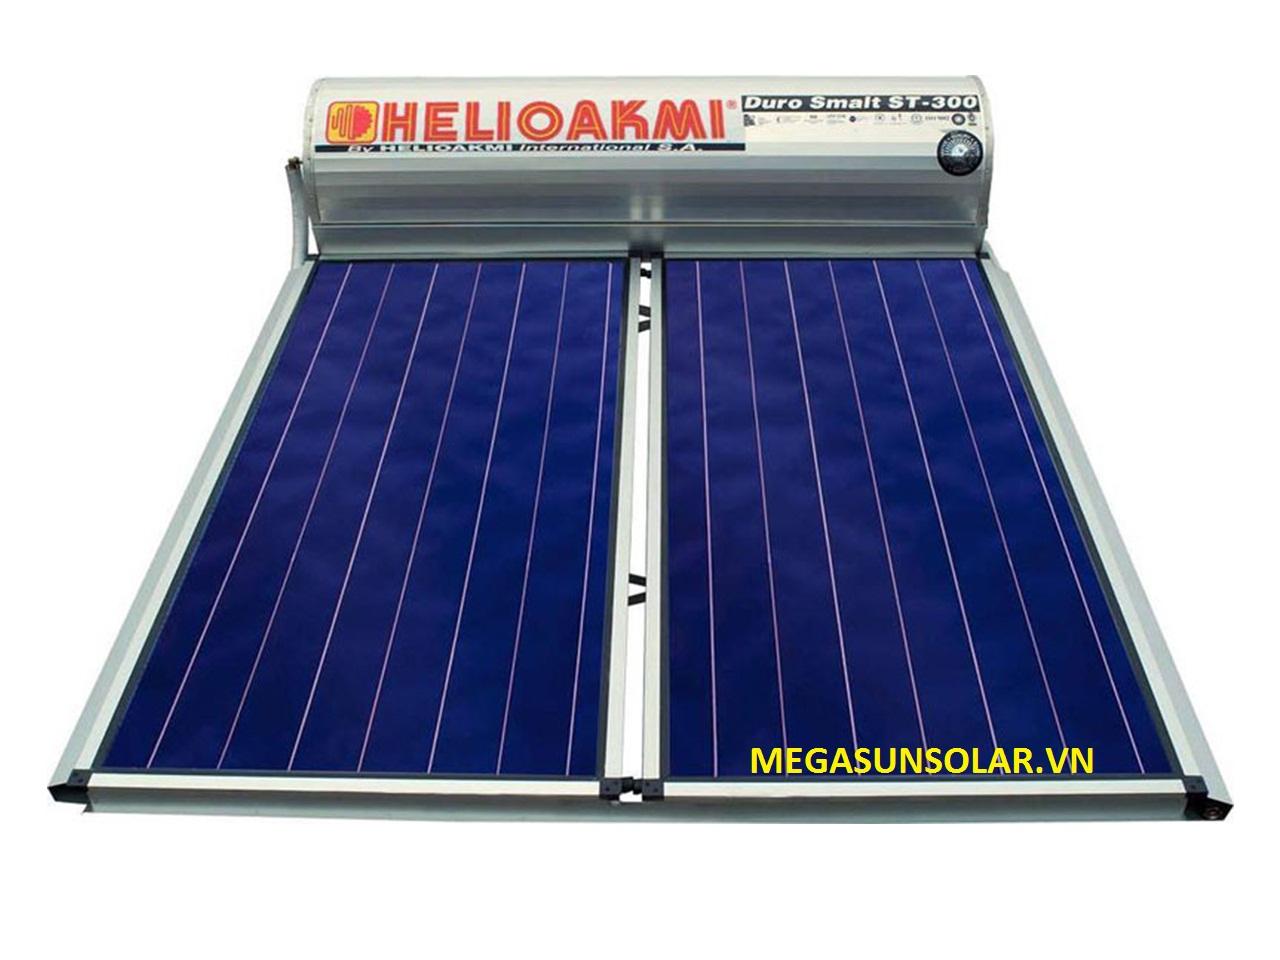 Máy nước nóng năng lượng mặt trời dạng tấm phẳng Megasun ST300